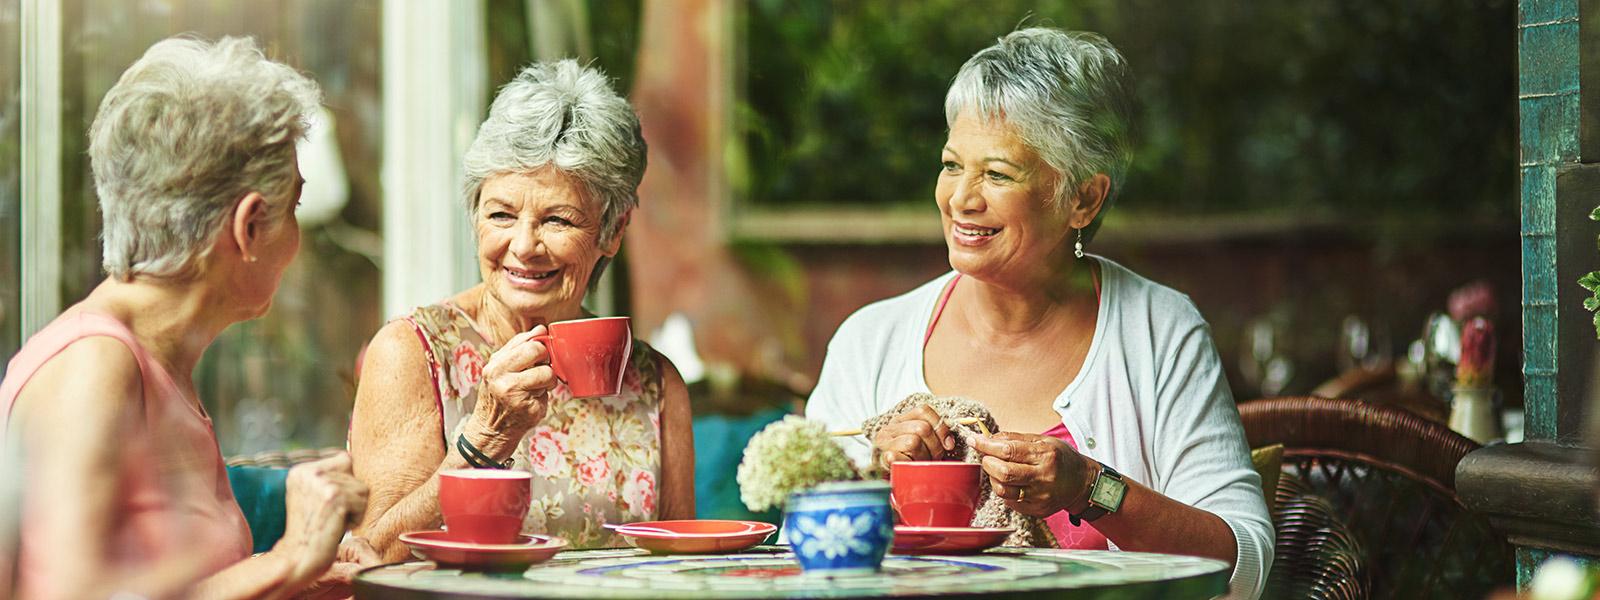 group of older women having fun